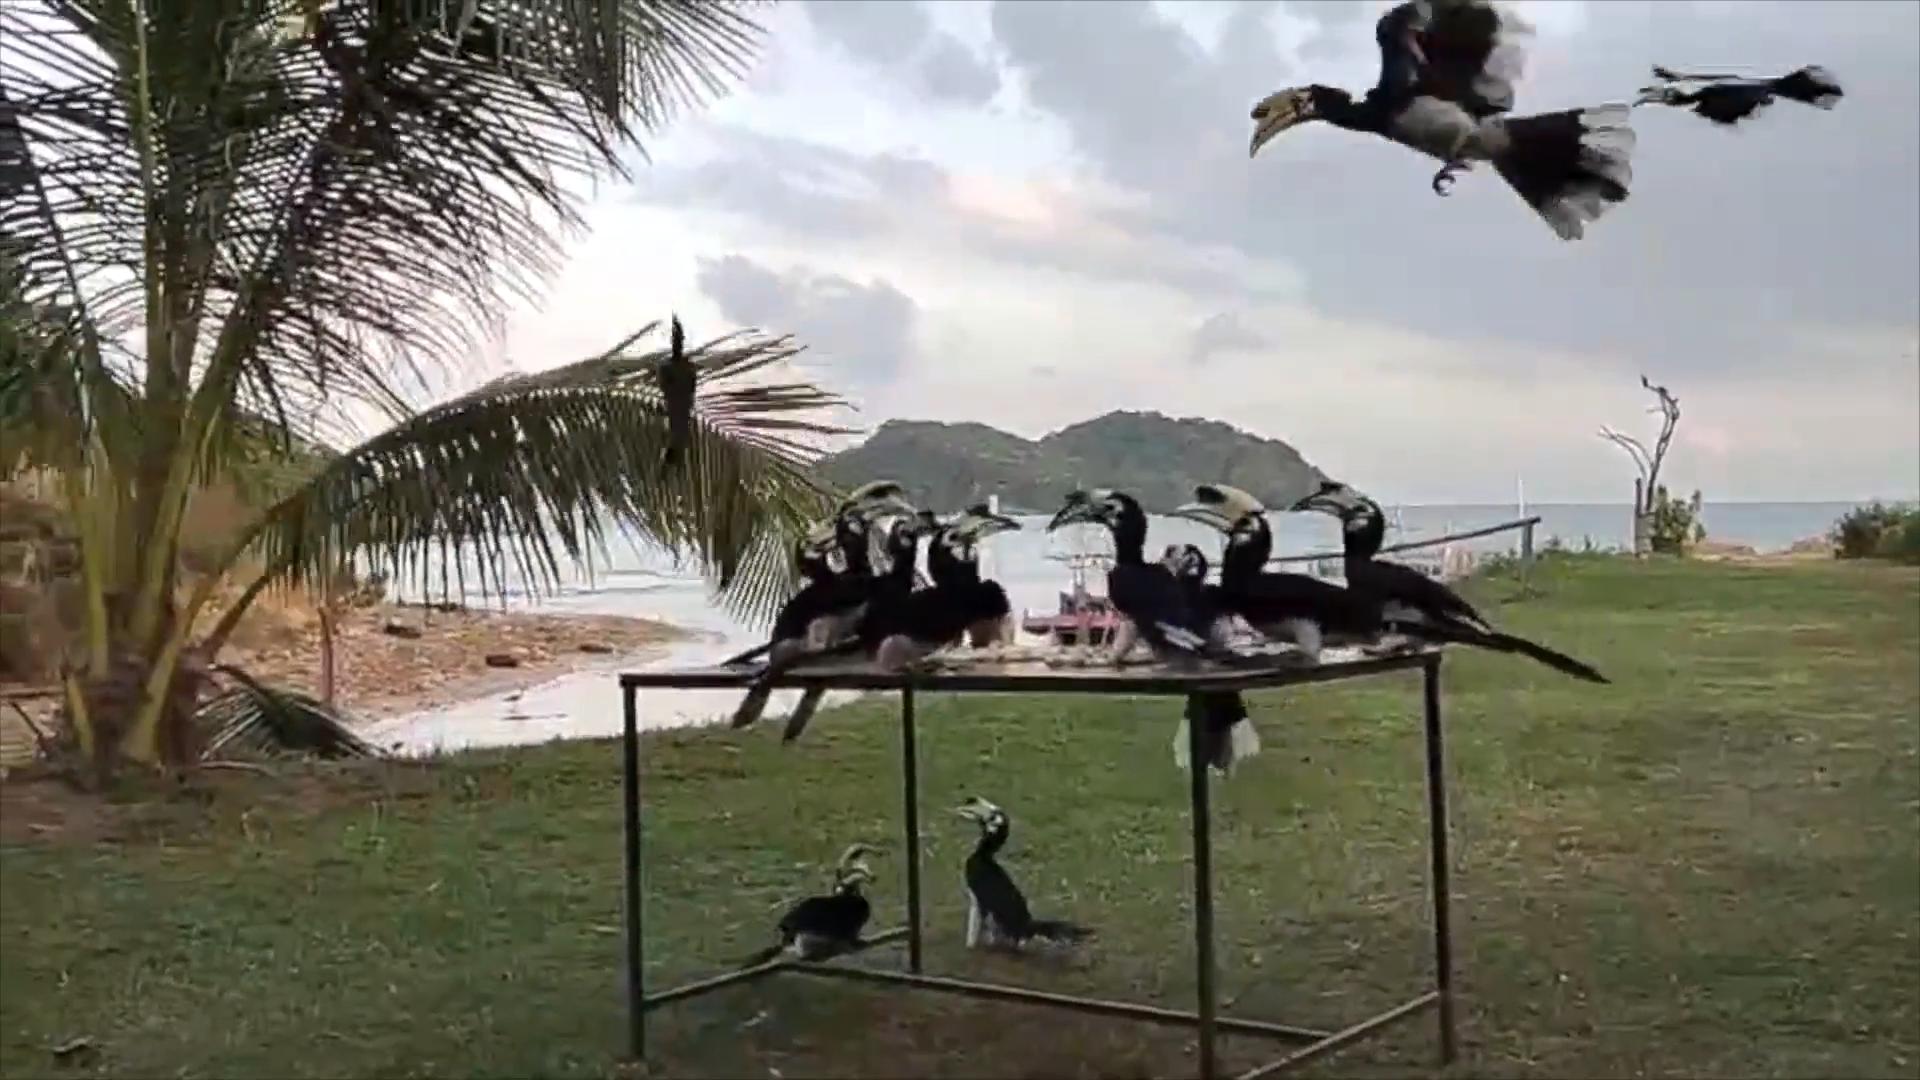 เกาะสมุยธรรมชาติได้รับการฟื้นฟูส่งผลให้นกเงือกมาหากินใกล้ชิดชาวบ้าน